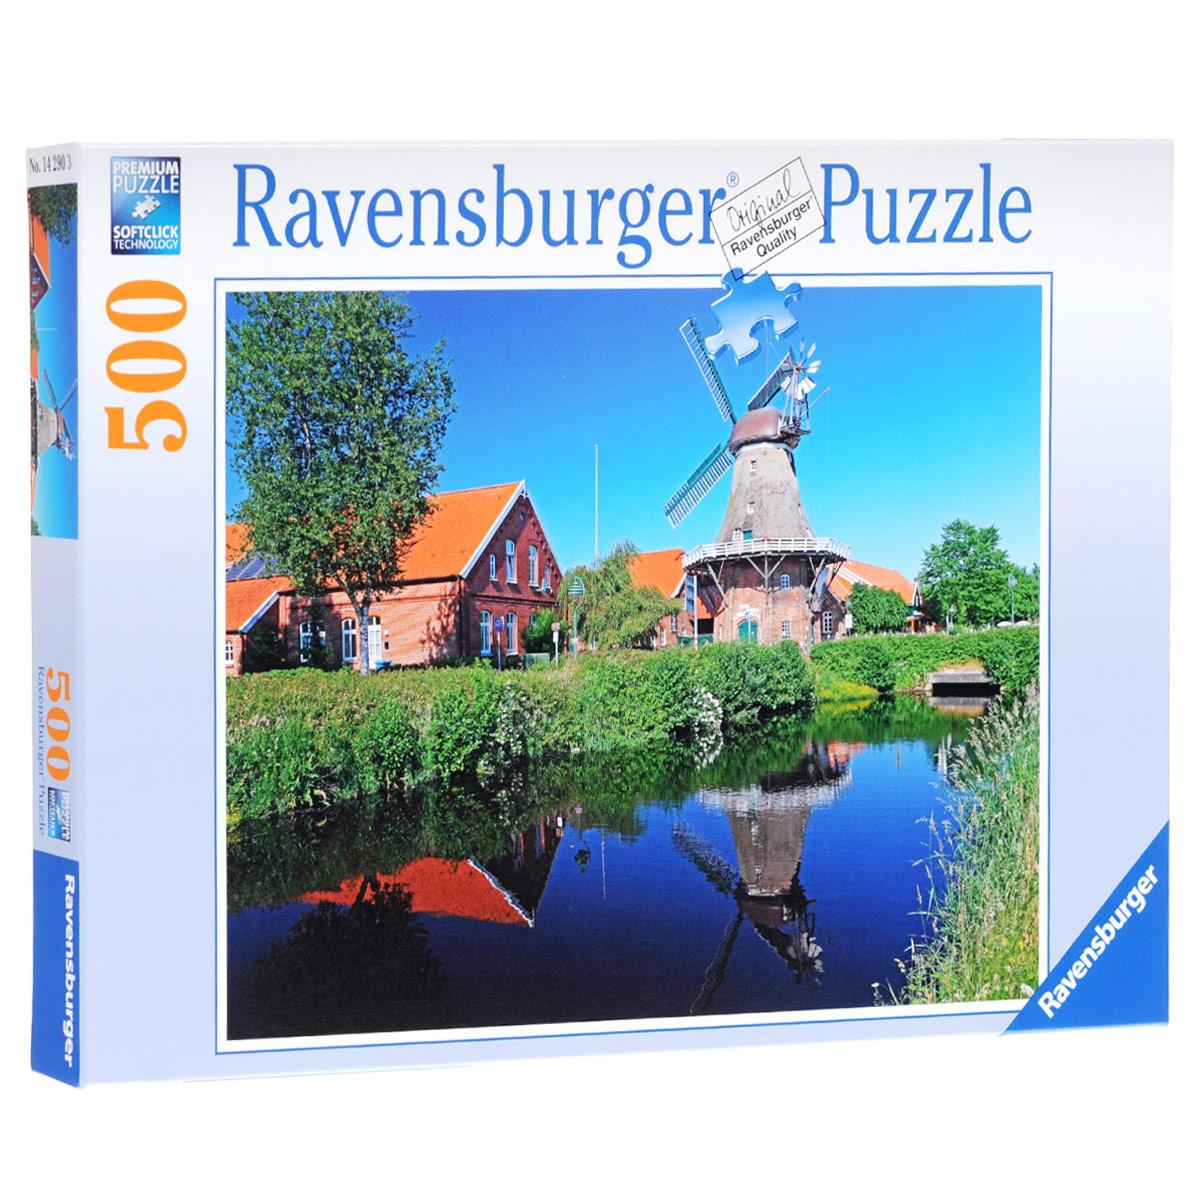 Ravensburger Ветряная мельница. Пазл, 500 элементов14290Пазл Ravensburger Ravensburger Ветряная мельница, без сомнения, придется по душе вашему ребенку. Собрав этот пазл, включающий в себя 500 элементов, вы получите великолепную картину. Каждая деталь имеет свою форму и подходит только на своё место. Нет двух одинаковых деталей! Пазл изготовлен из картона высочайшего качества. Все изображения аккуратно отсканированы и напечатаны на ламинированной бумаге. Пазлы - замечательная развивающая игра для детей. Собирание пазла развивает у ребенка мелкую моторику рук, тренирует наблюдательность, логическое мышление, знакомит с окружающим миром, с цветом и разнообразными формами, учит усидчивости и терпению, аккуратности и вниманию.